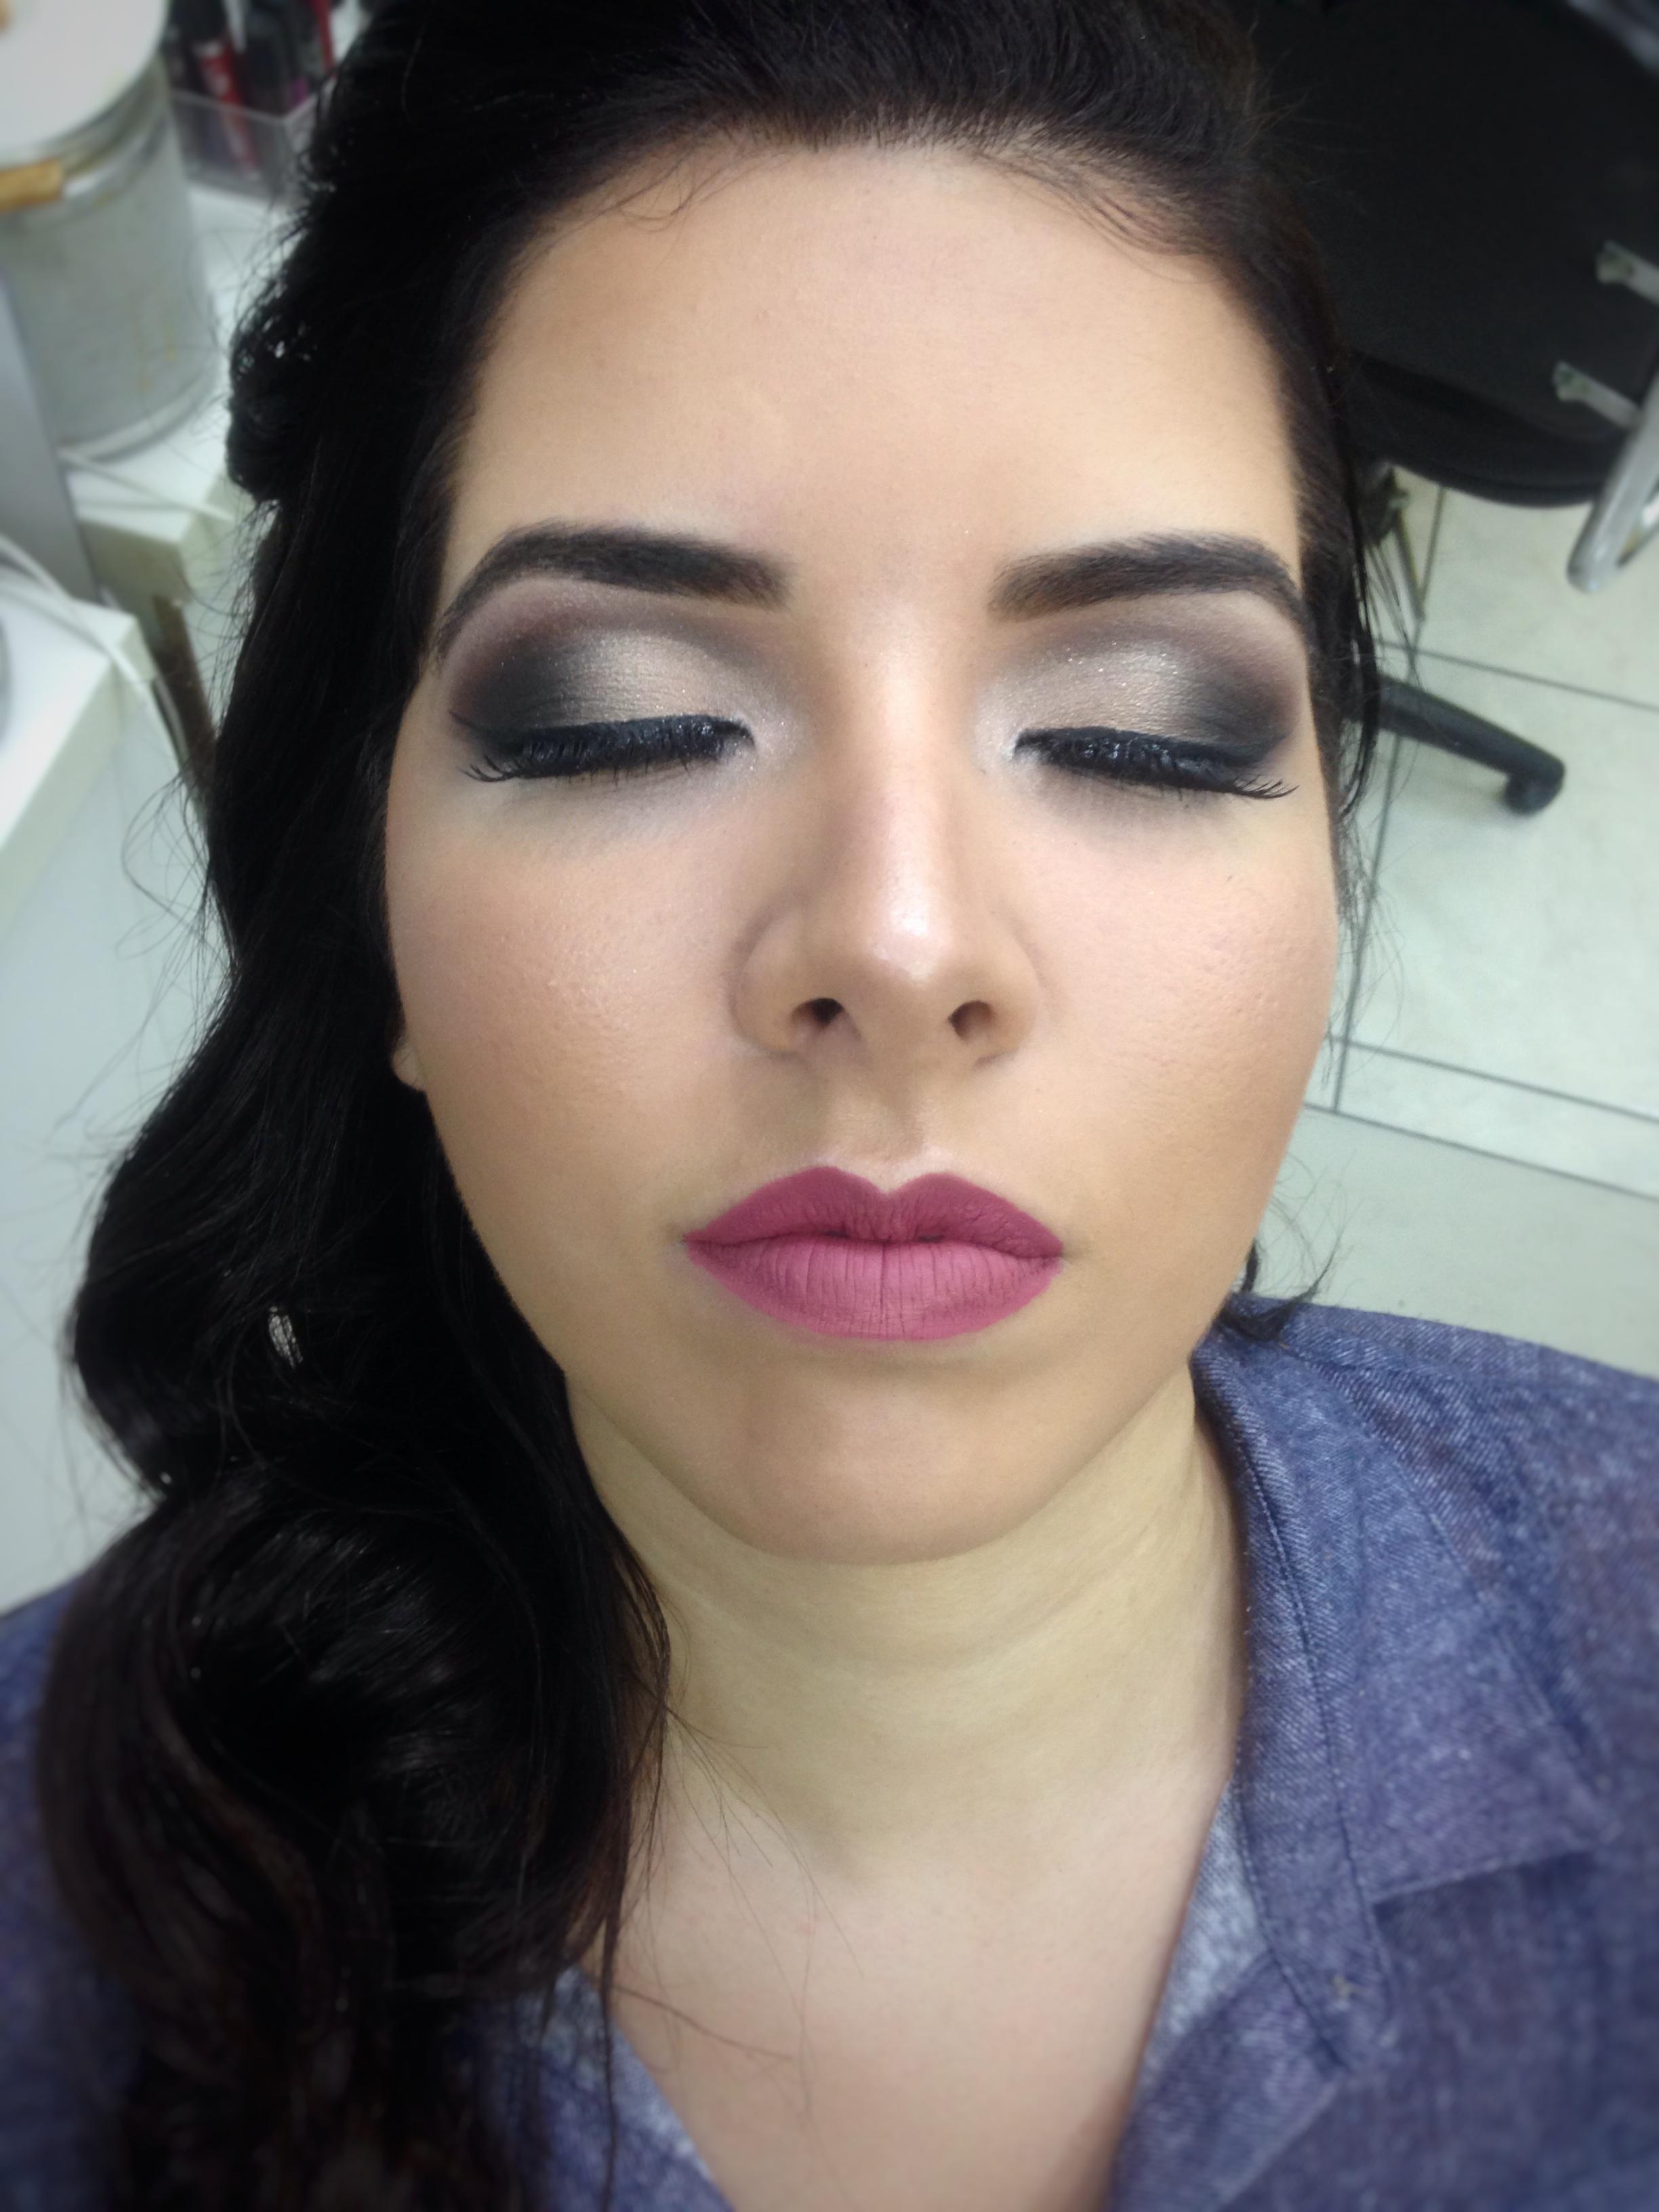 maquiagem maquiador(a) depilador(a)